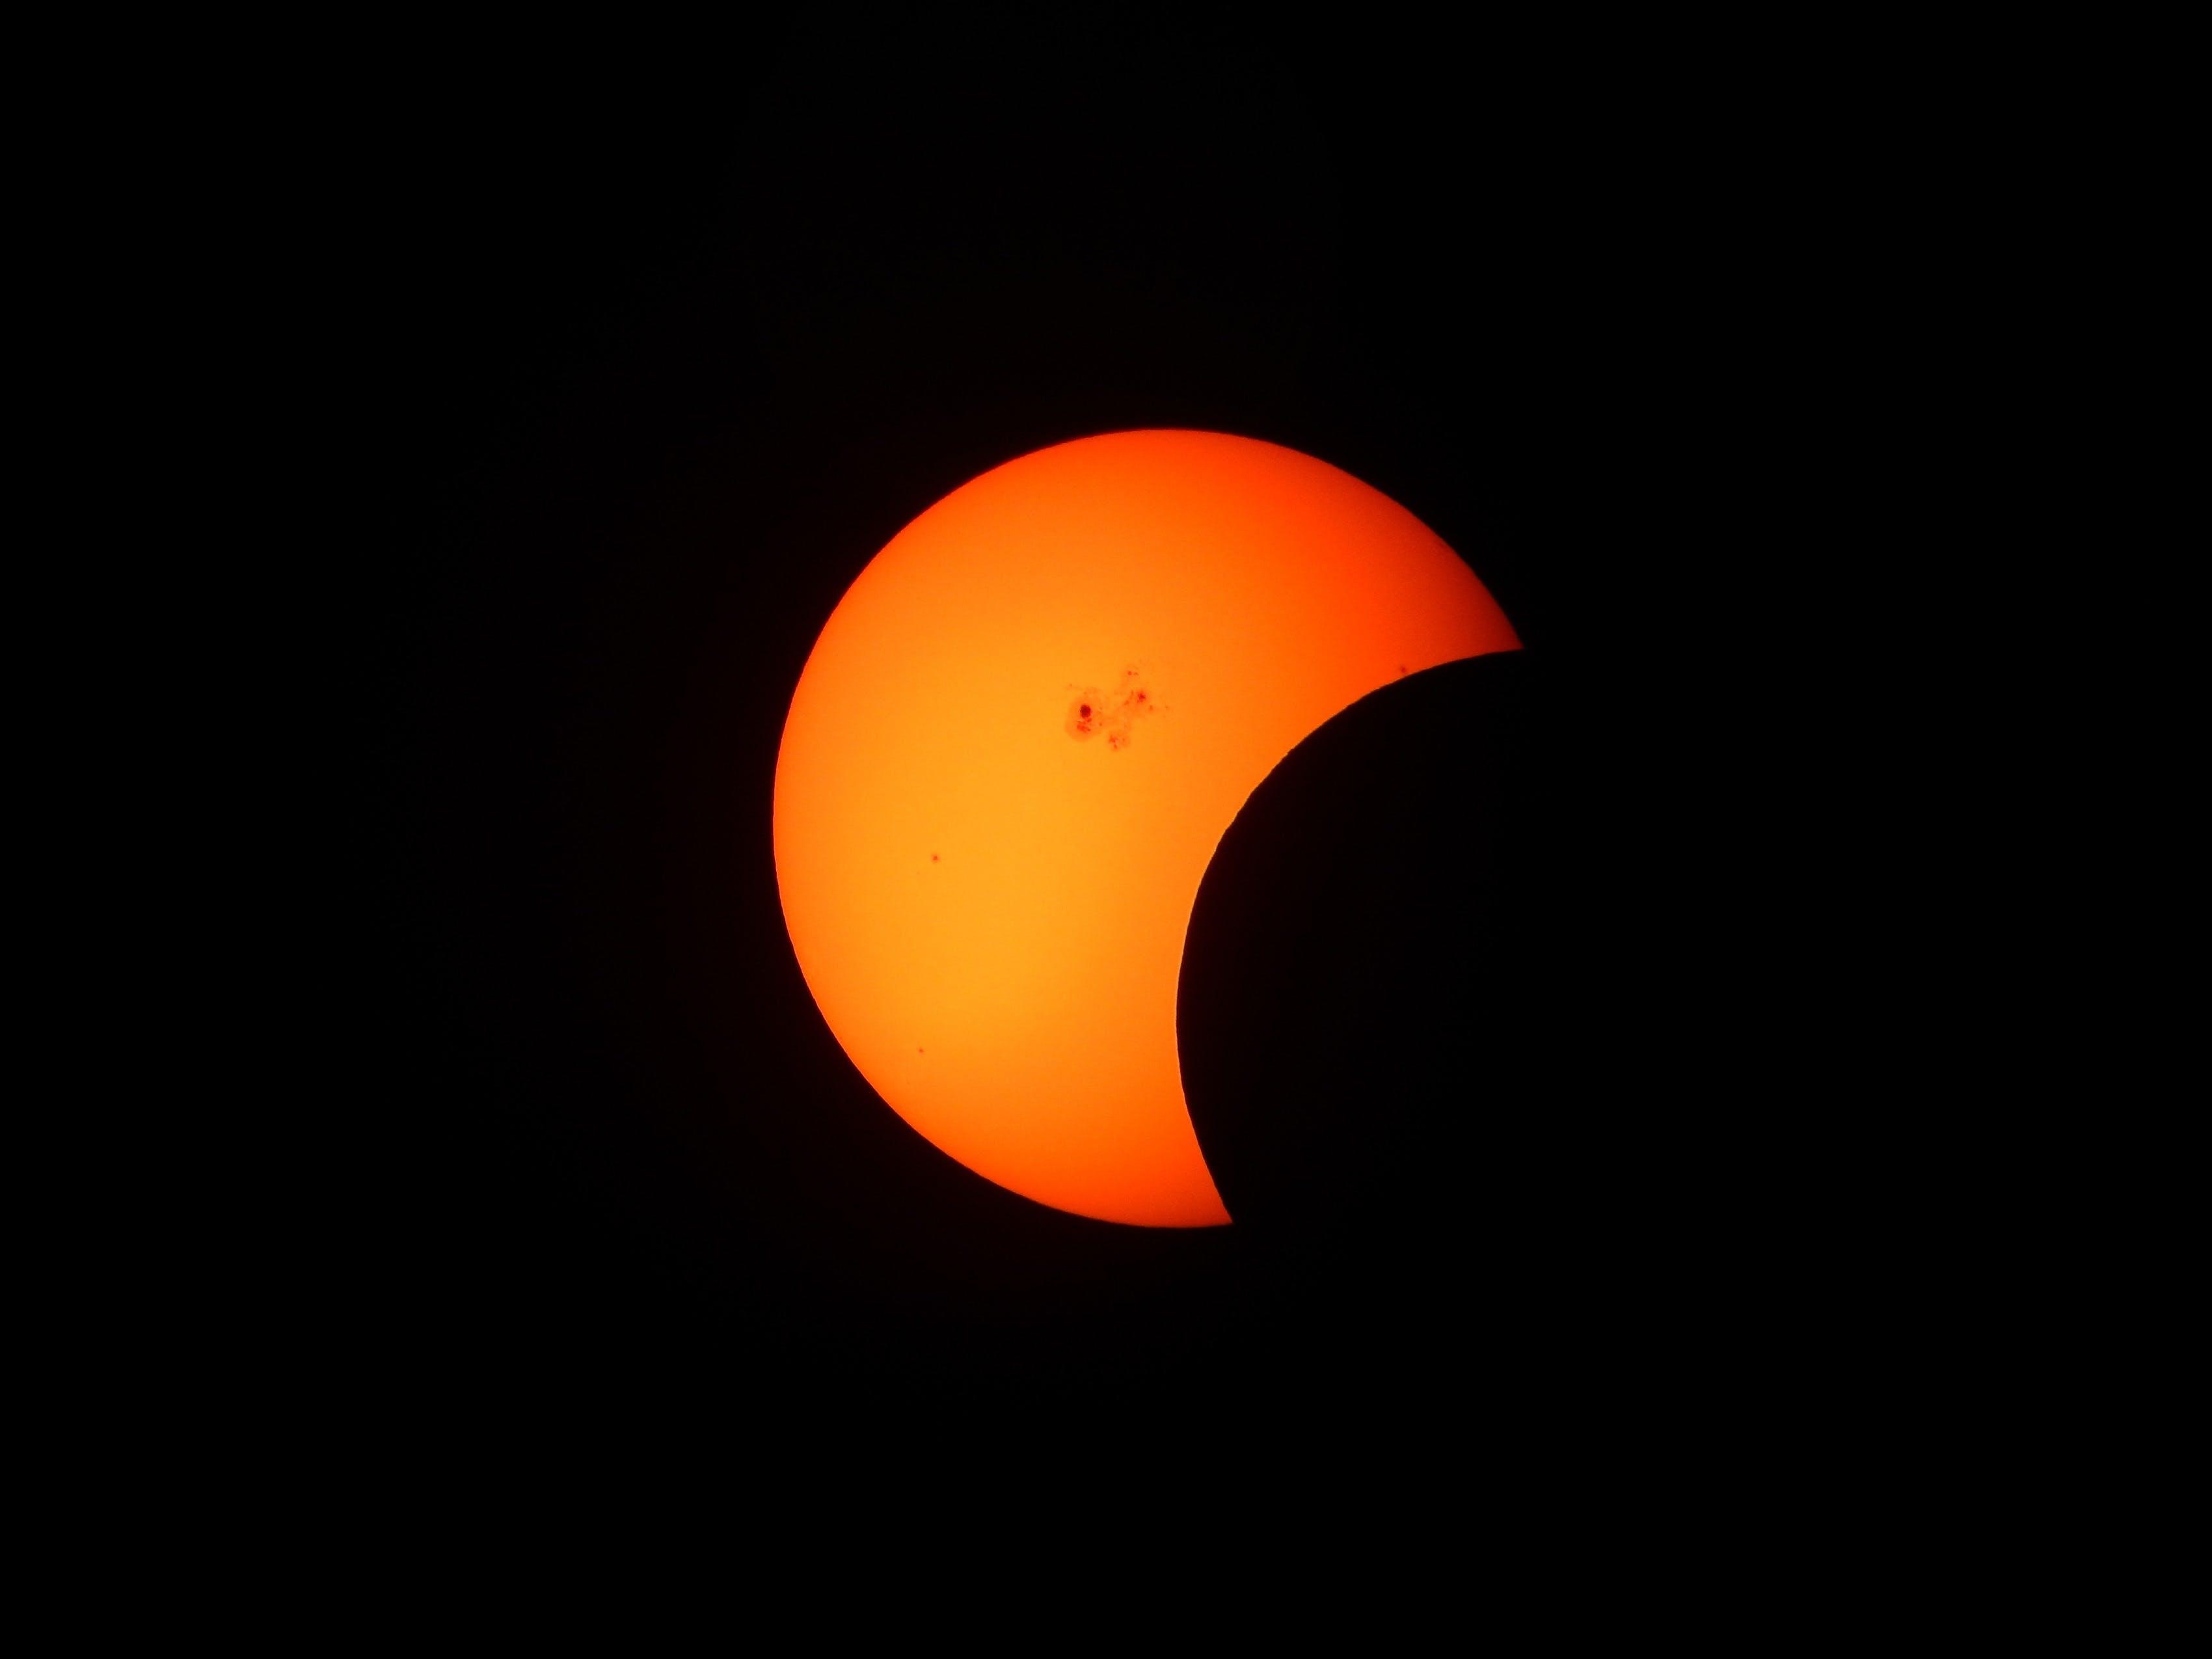 Free stock photo of sky, night, space, sun